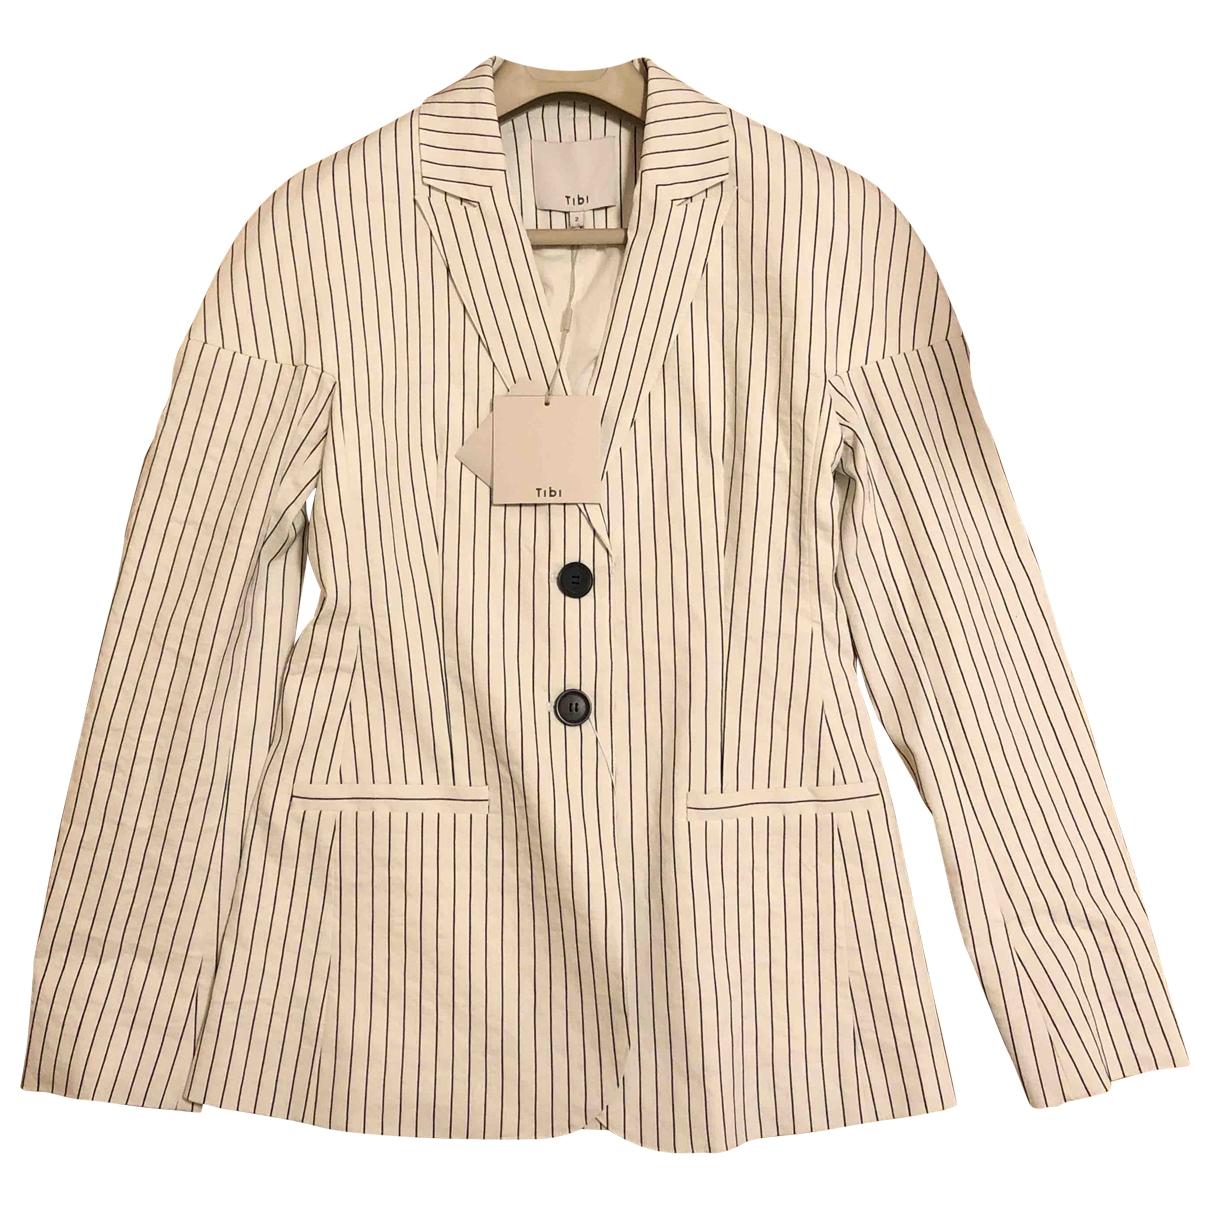 Tibi - Veste   pour femme en coton - blanc